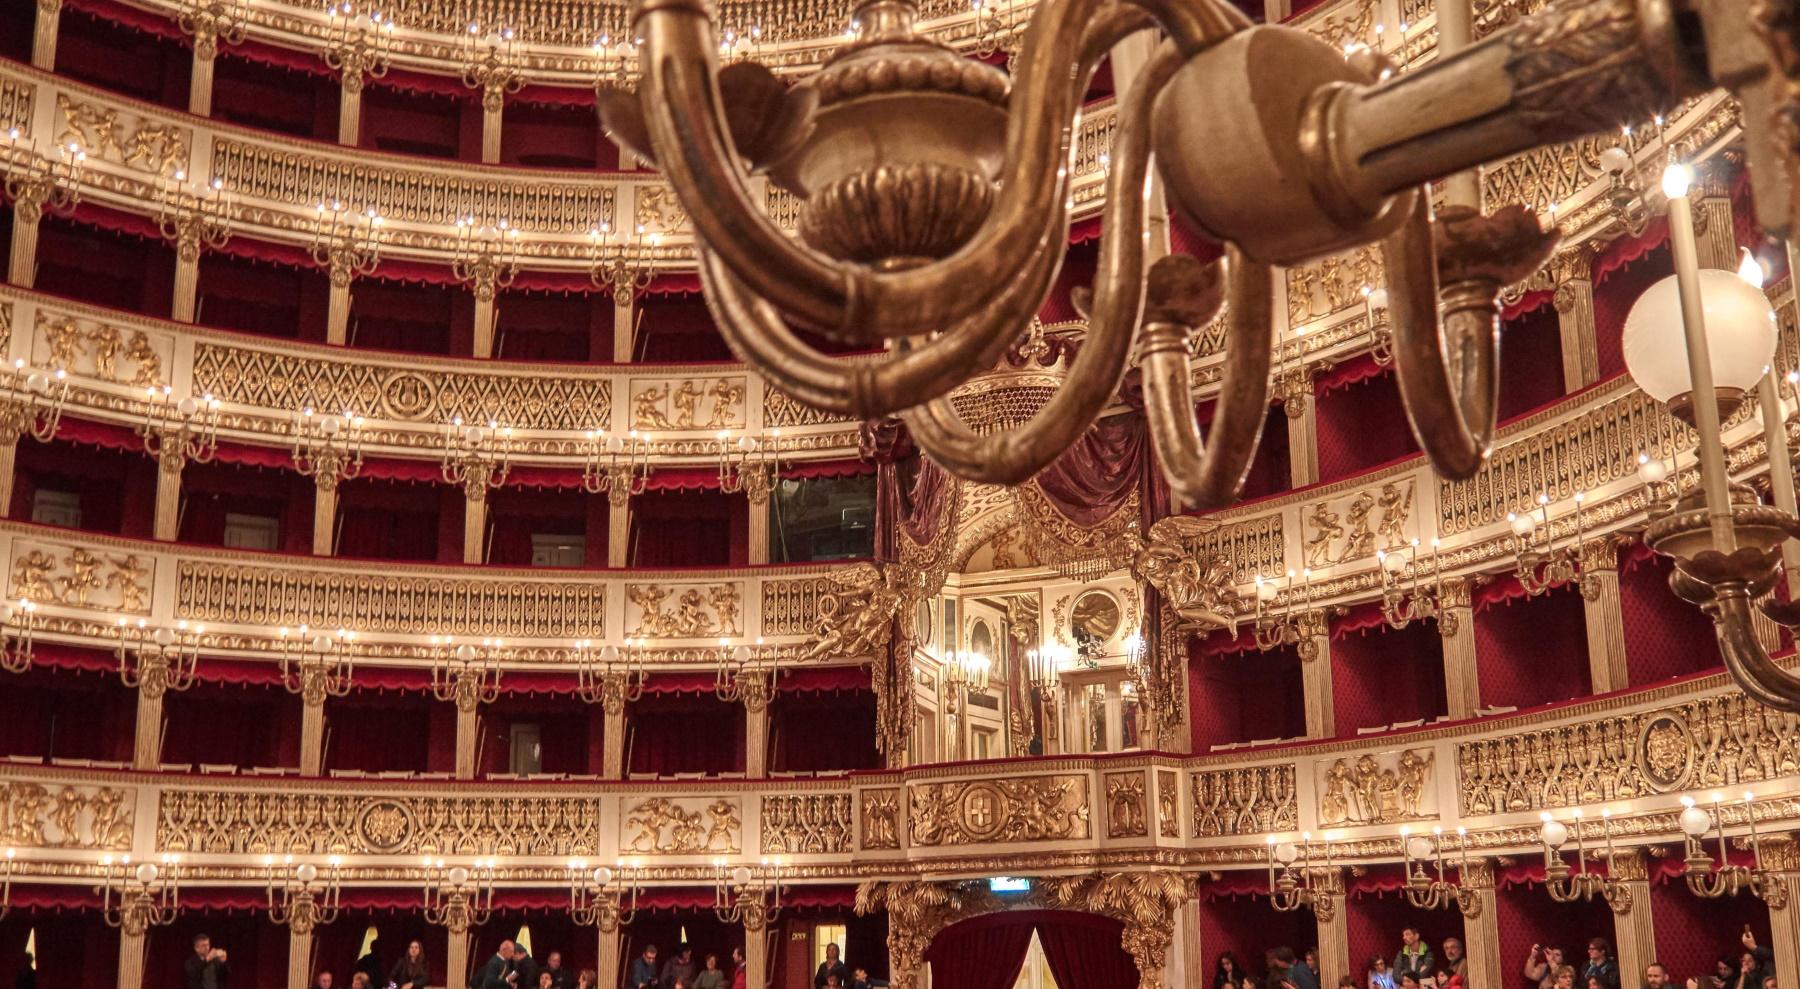 Al teatro San Carlo, tra magnificenza e delusione